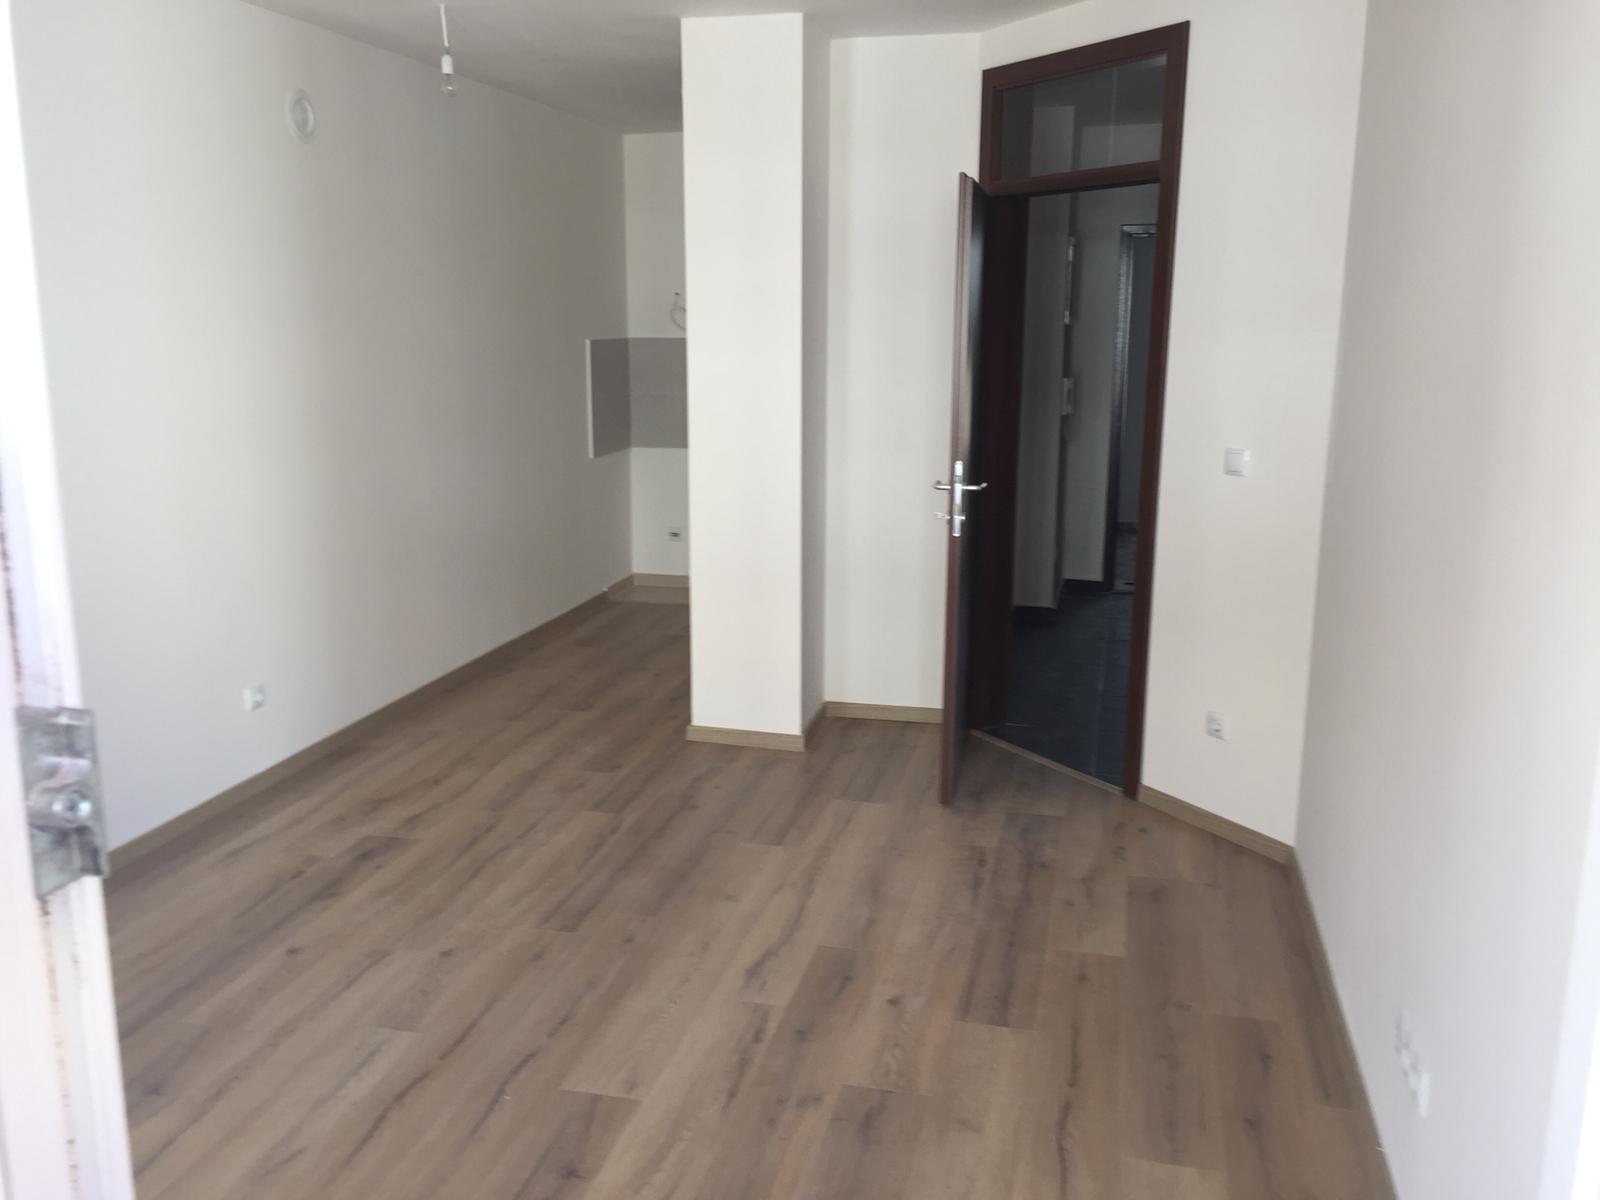 Shitet banesa 2 dhomshe 53m2 kati 6 Fushë Kosovë